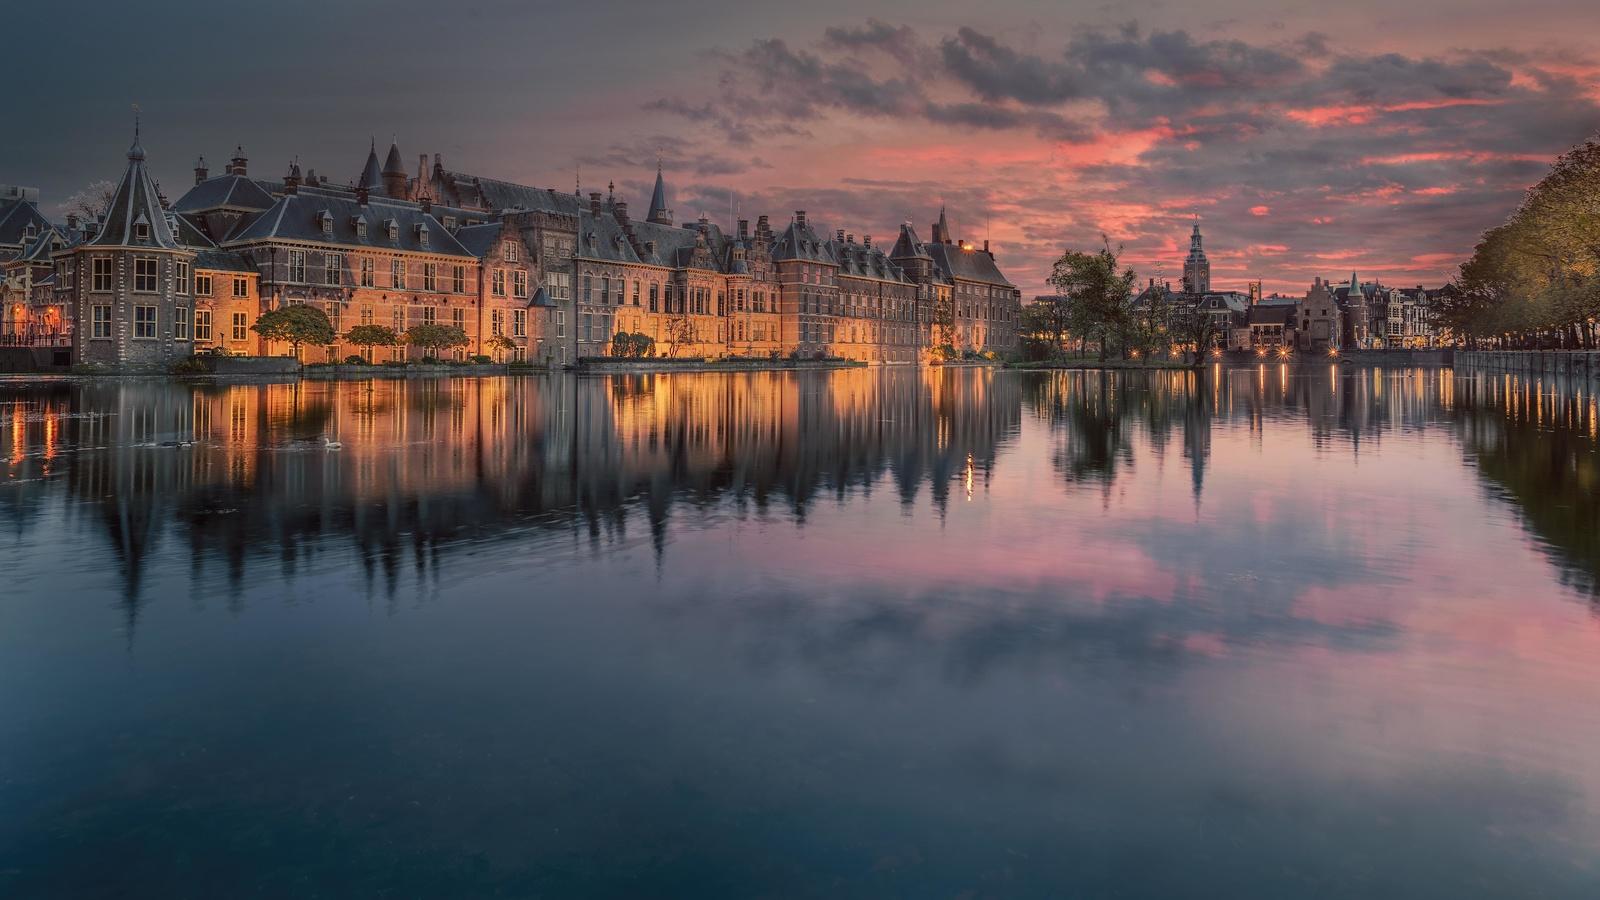 замок, дворец, озеро, отражение